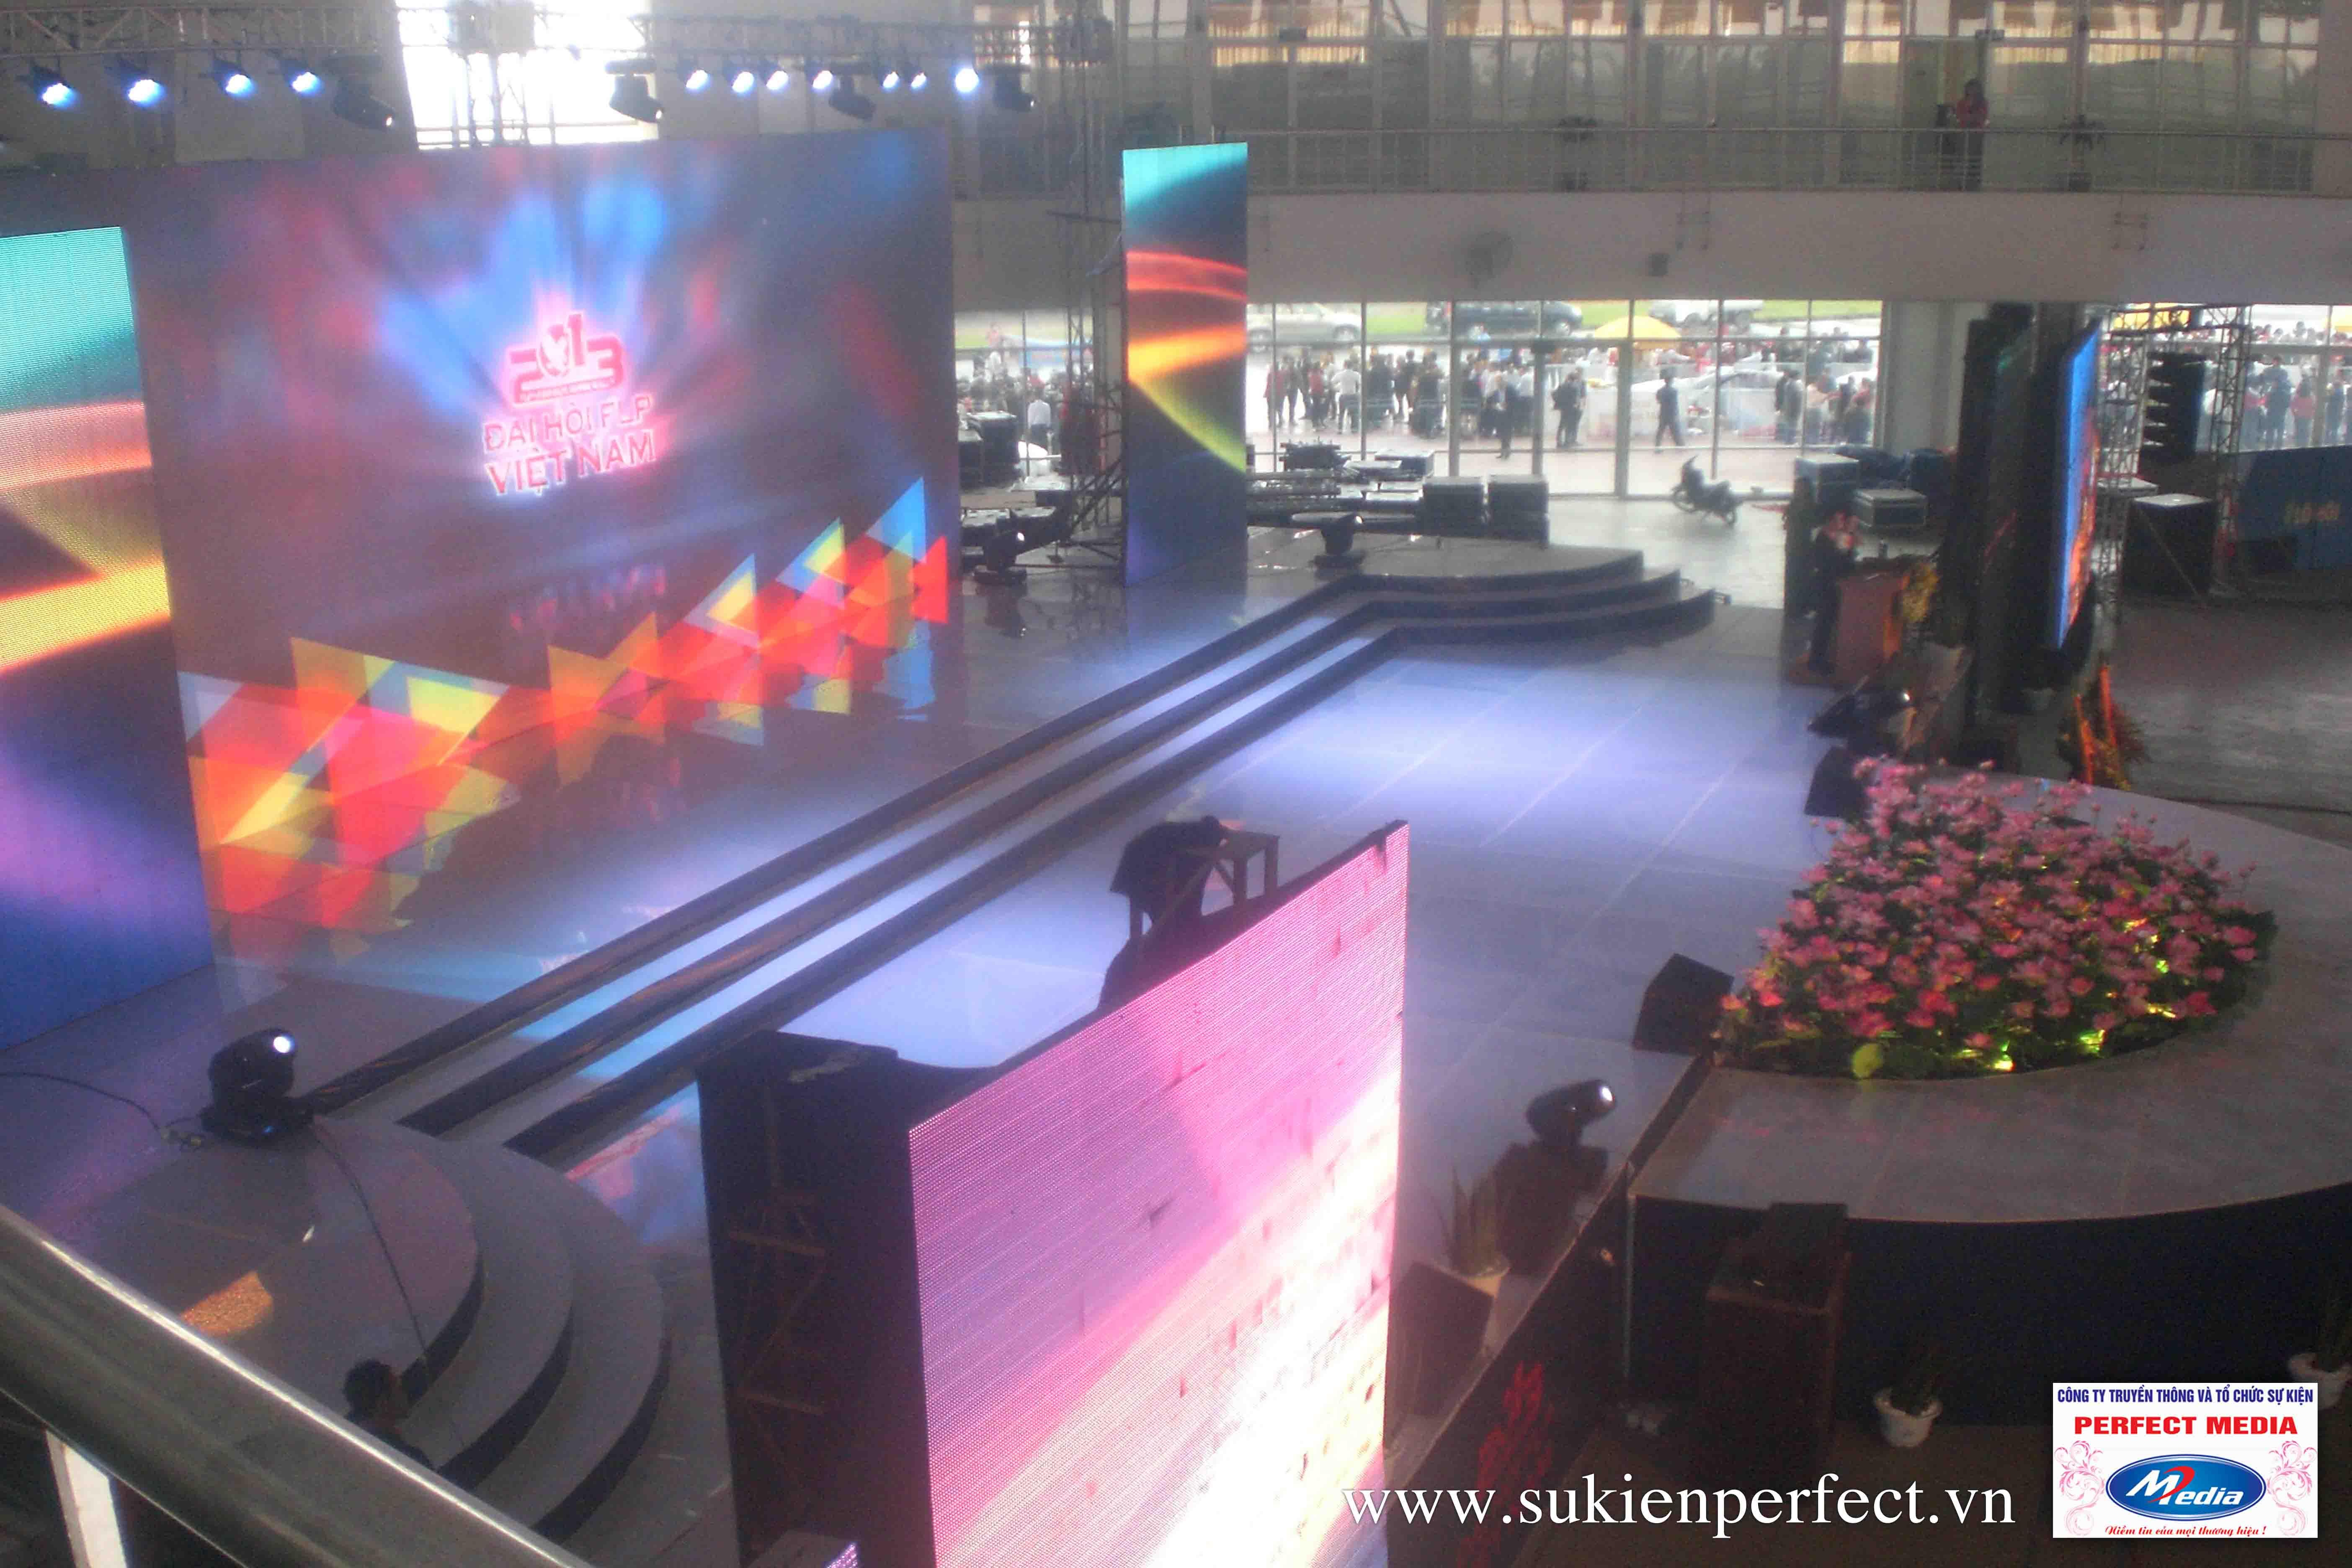 Sự kiện được dàn dựng dưới dàn âm thanh, ánh sáng và nhiều màn hình led lớn, chuyên nghiệp